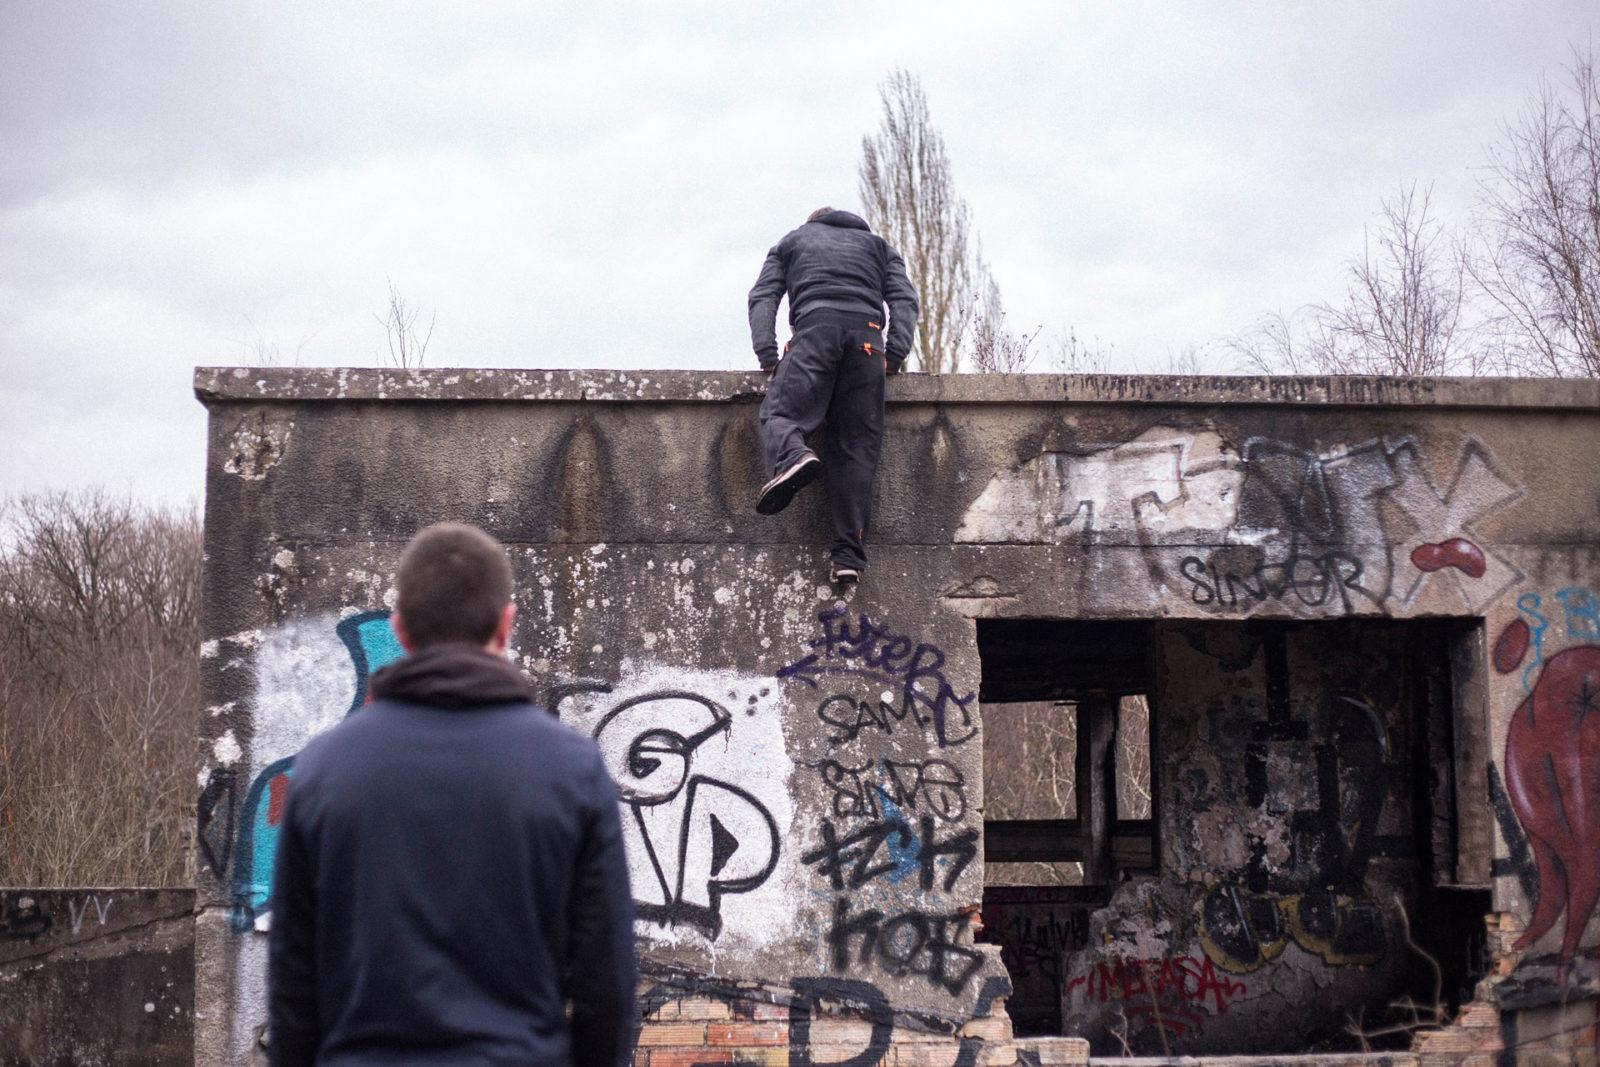 IMG5596 - Urbex x Parkour : visite acrobatique d'un sanatorium abandonné